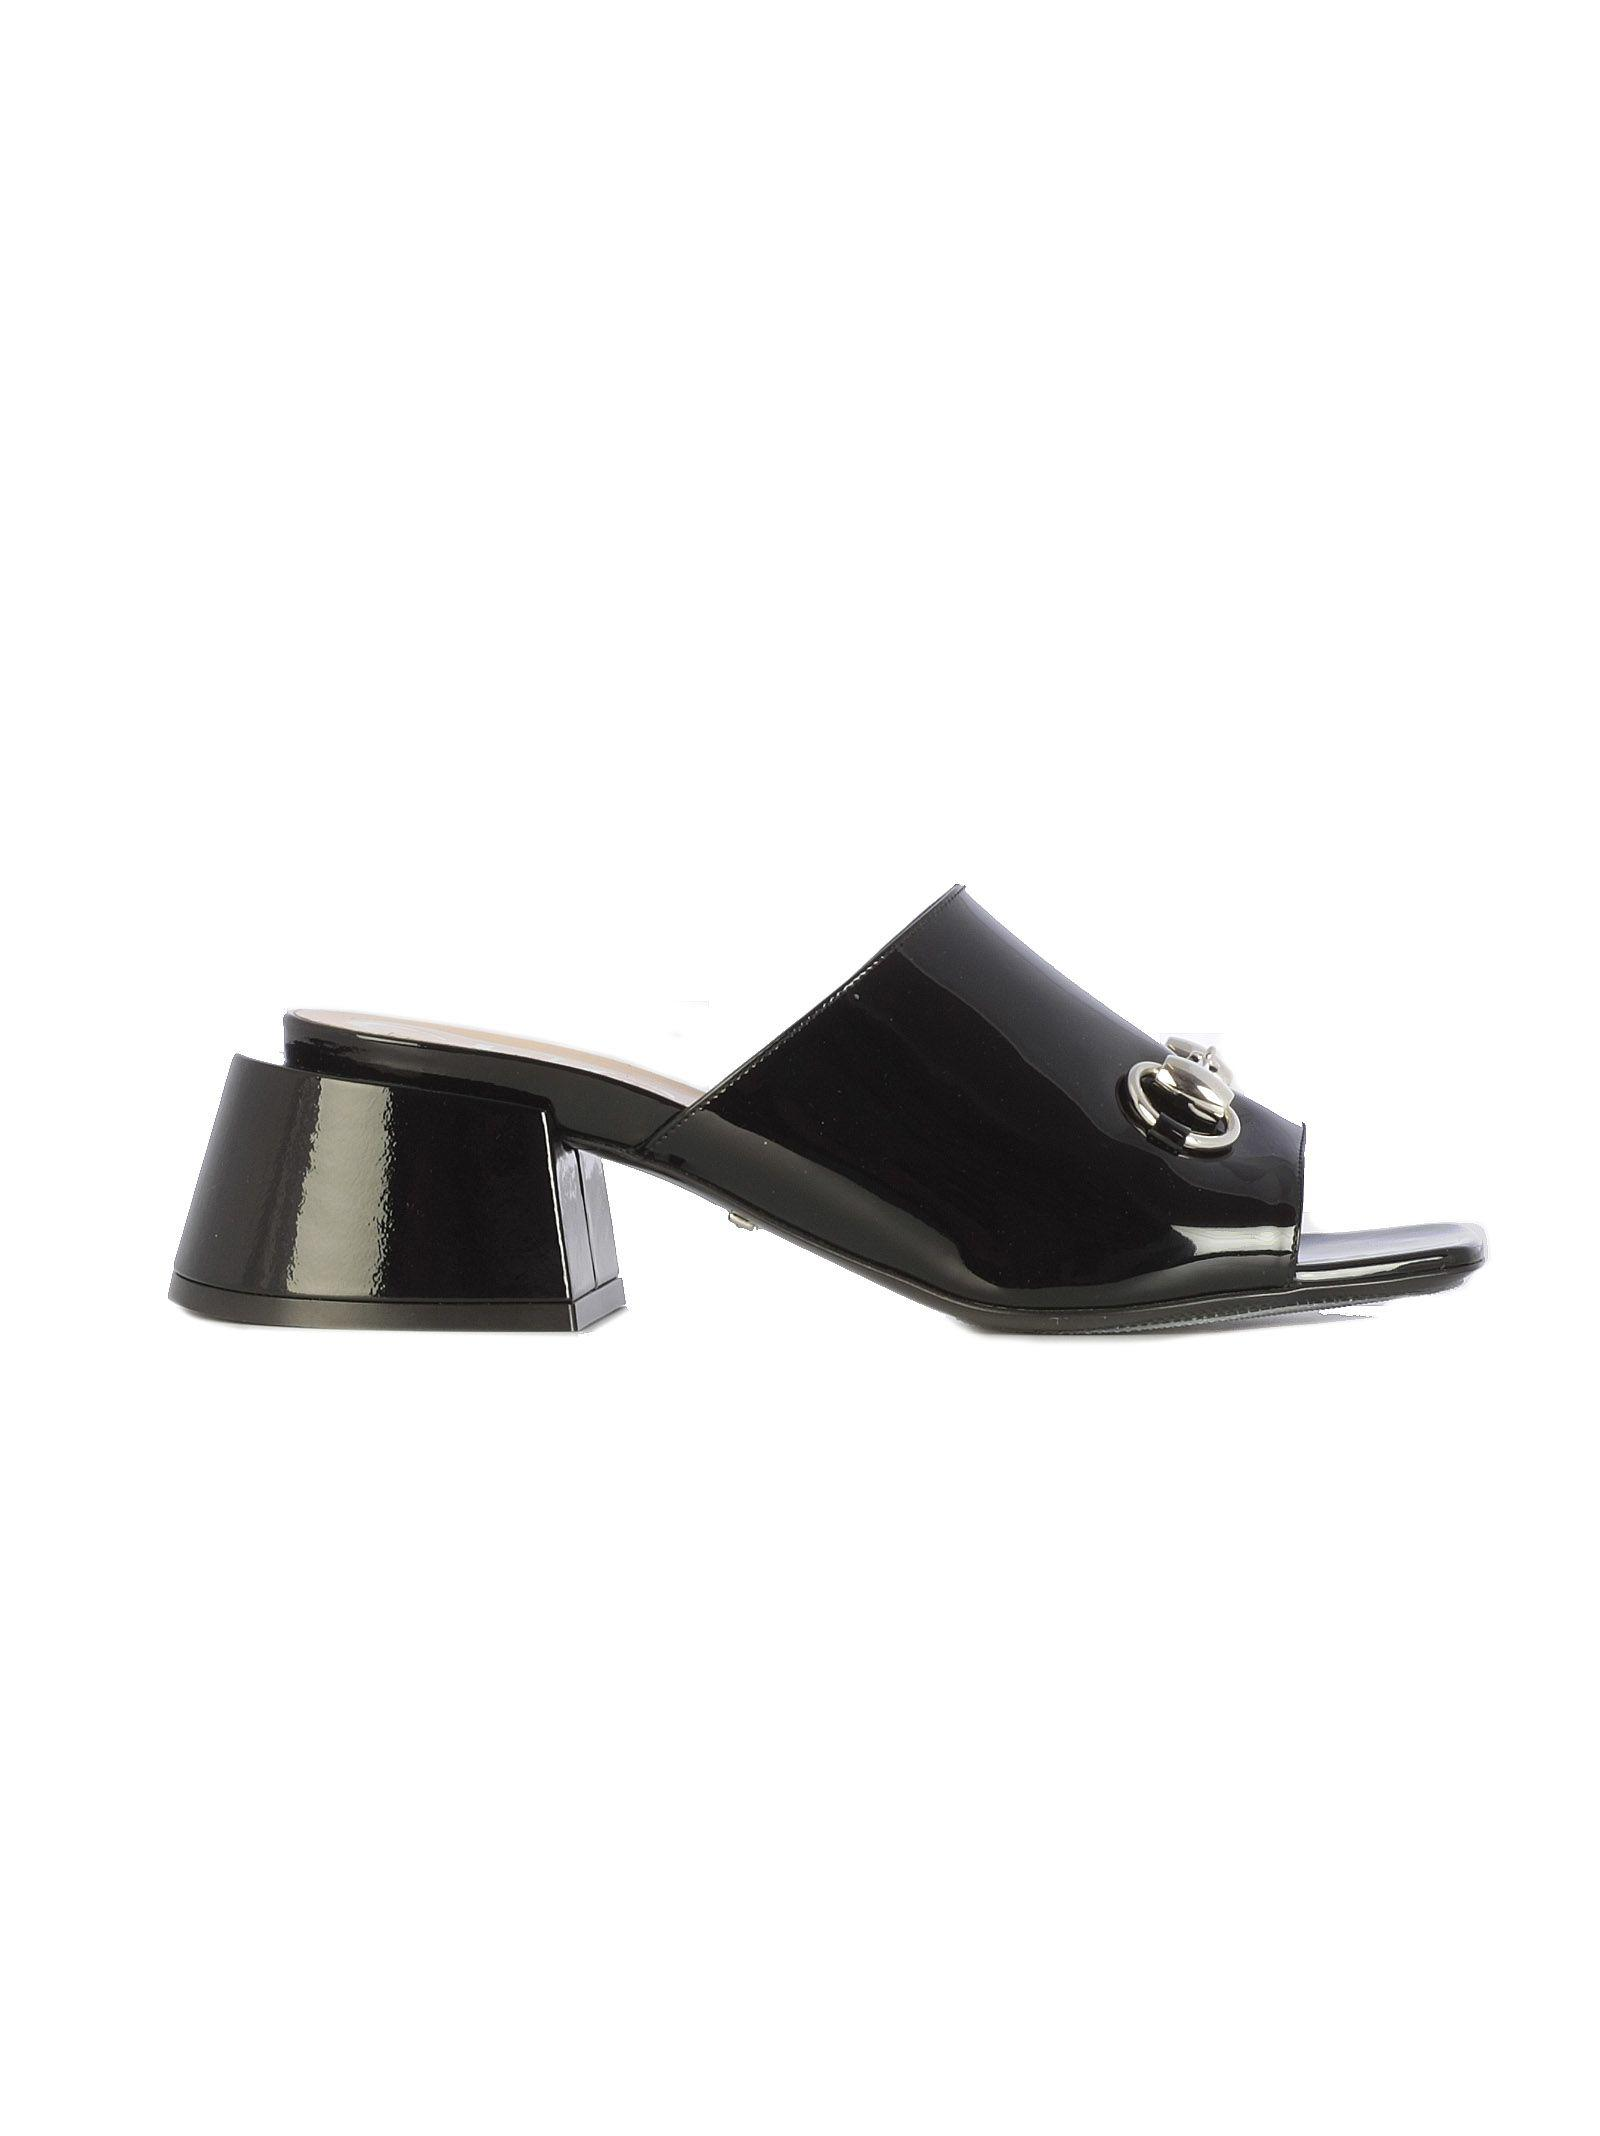 8ed8da7a166 Gucci Horsebit-Detailed Patent-Leather Mules In Black